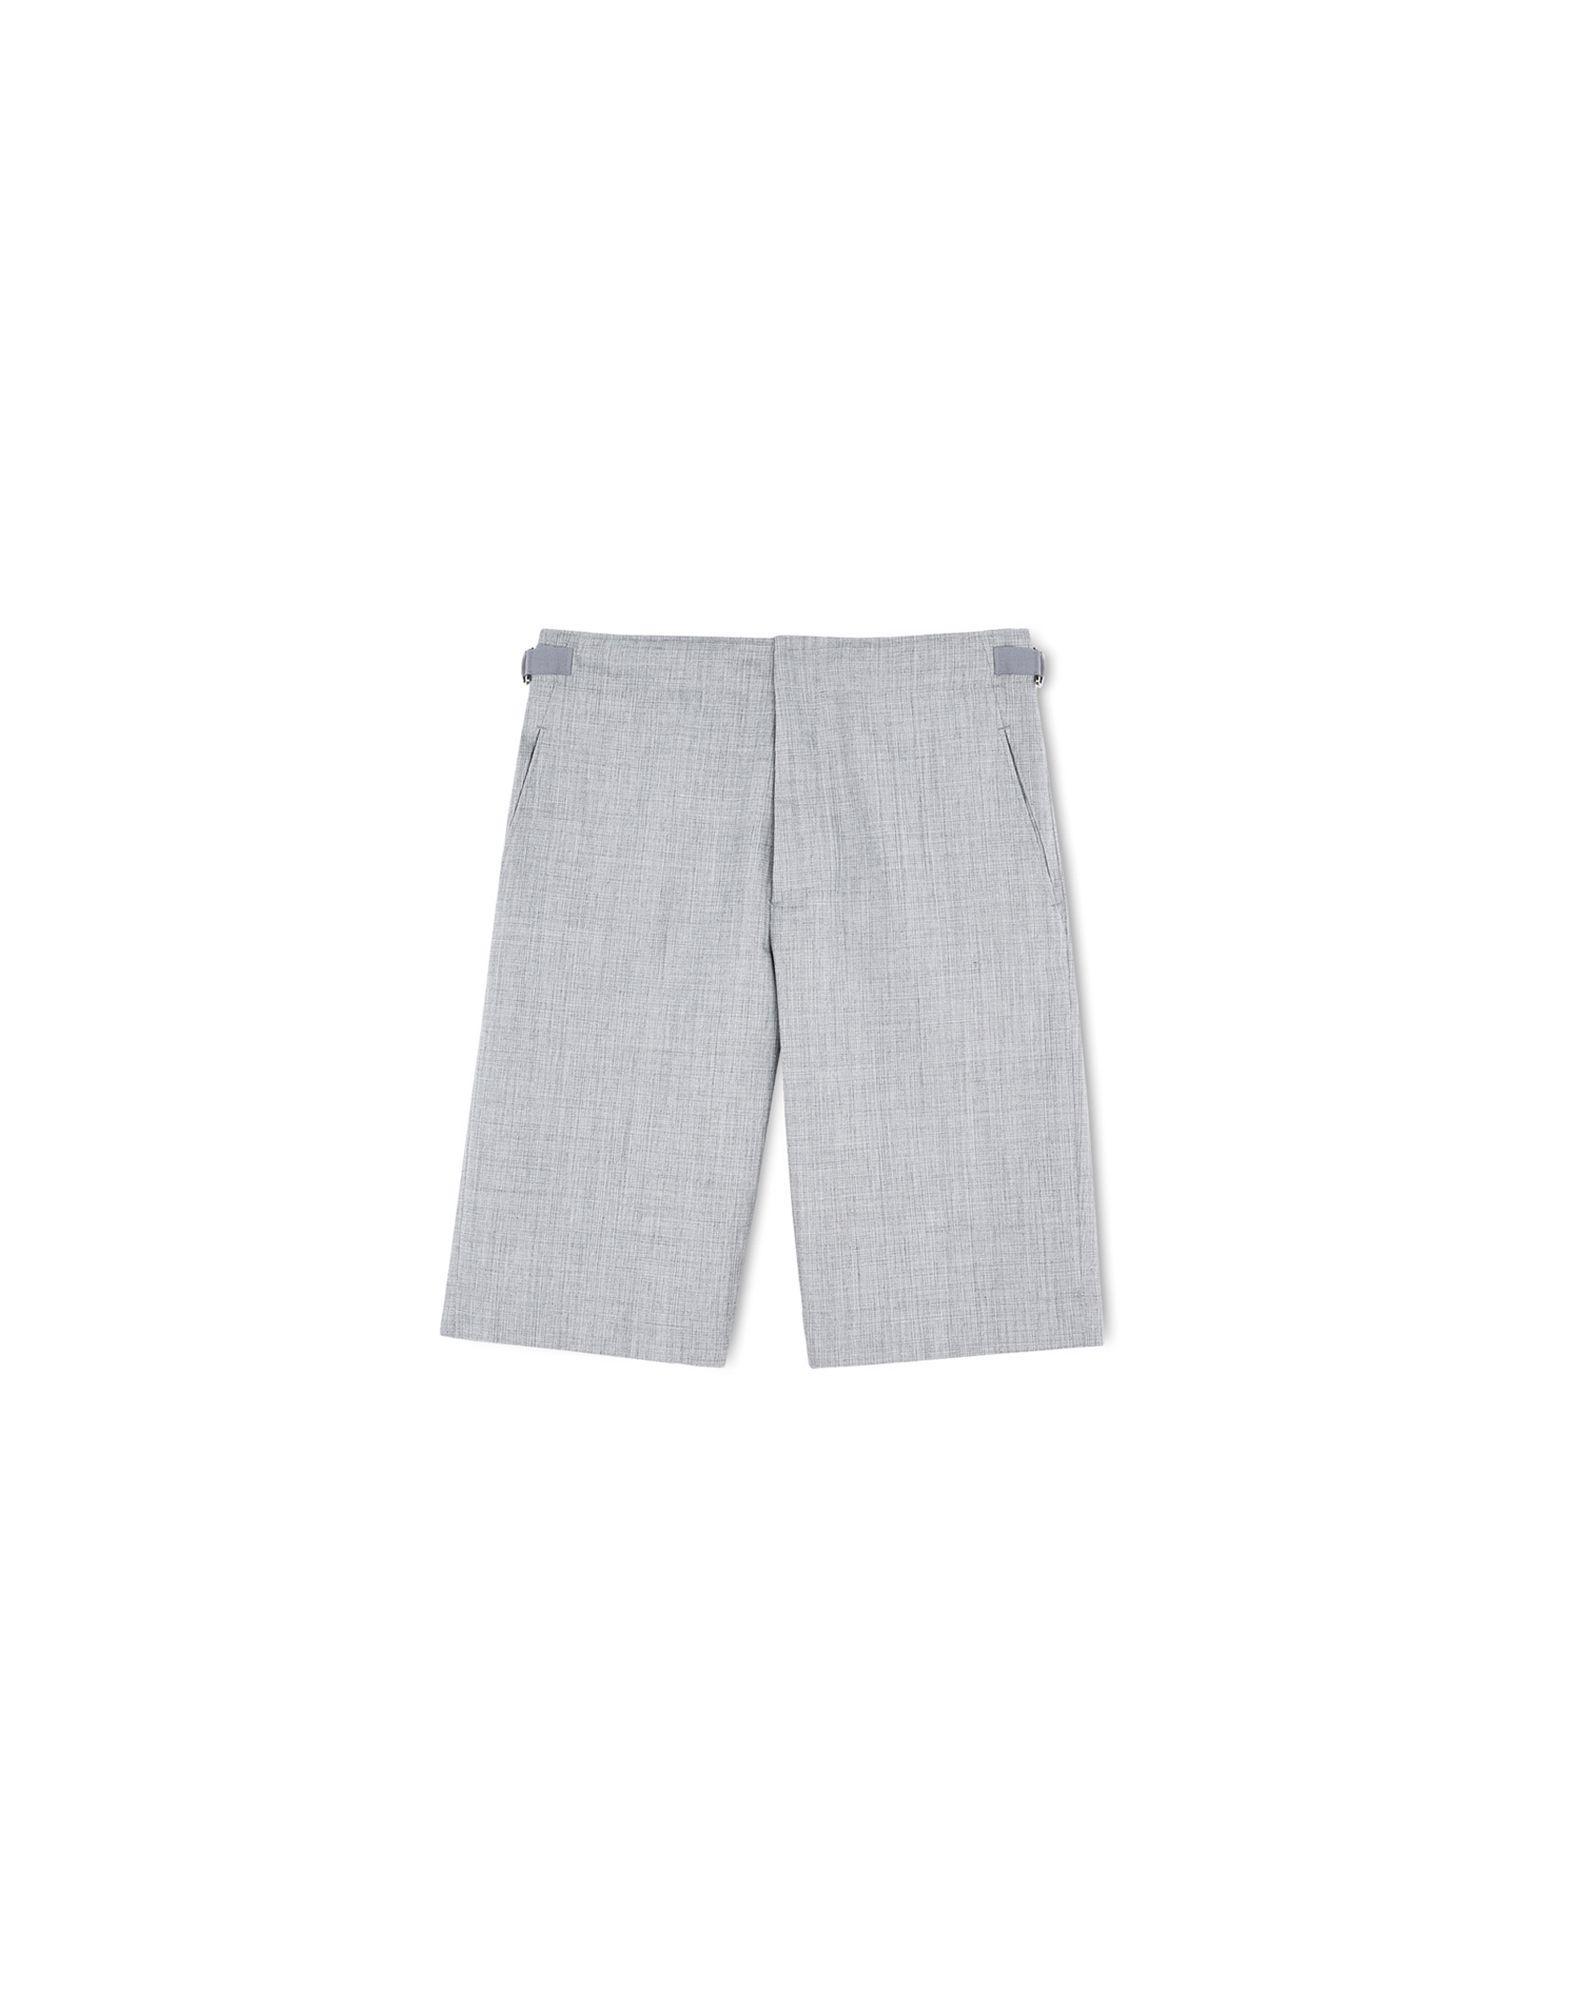 Jil Sander Shorts - Grey